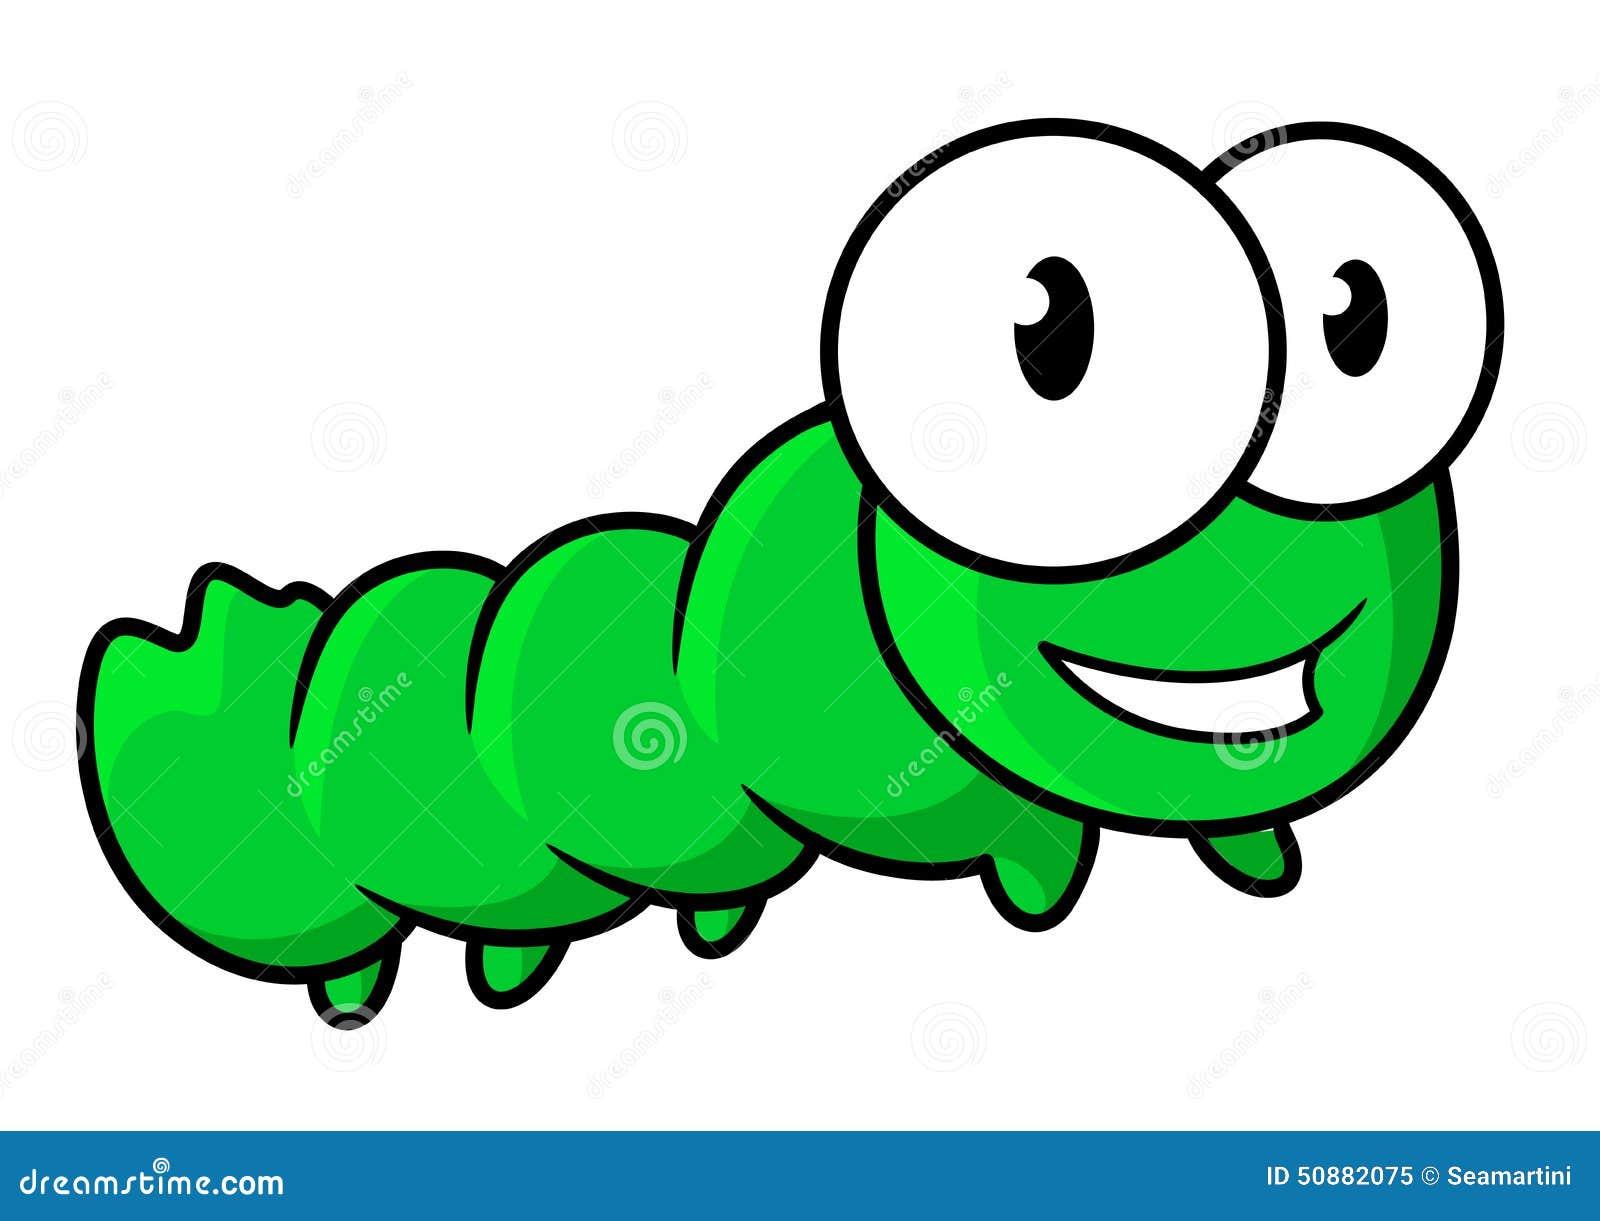 Dibujos Animados De Color Verde: Personaje De Dibujos Animados Verde Lindo Del Insecto De